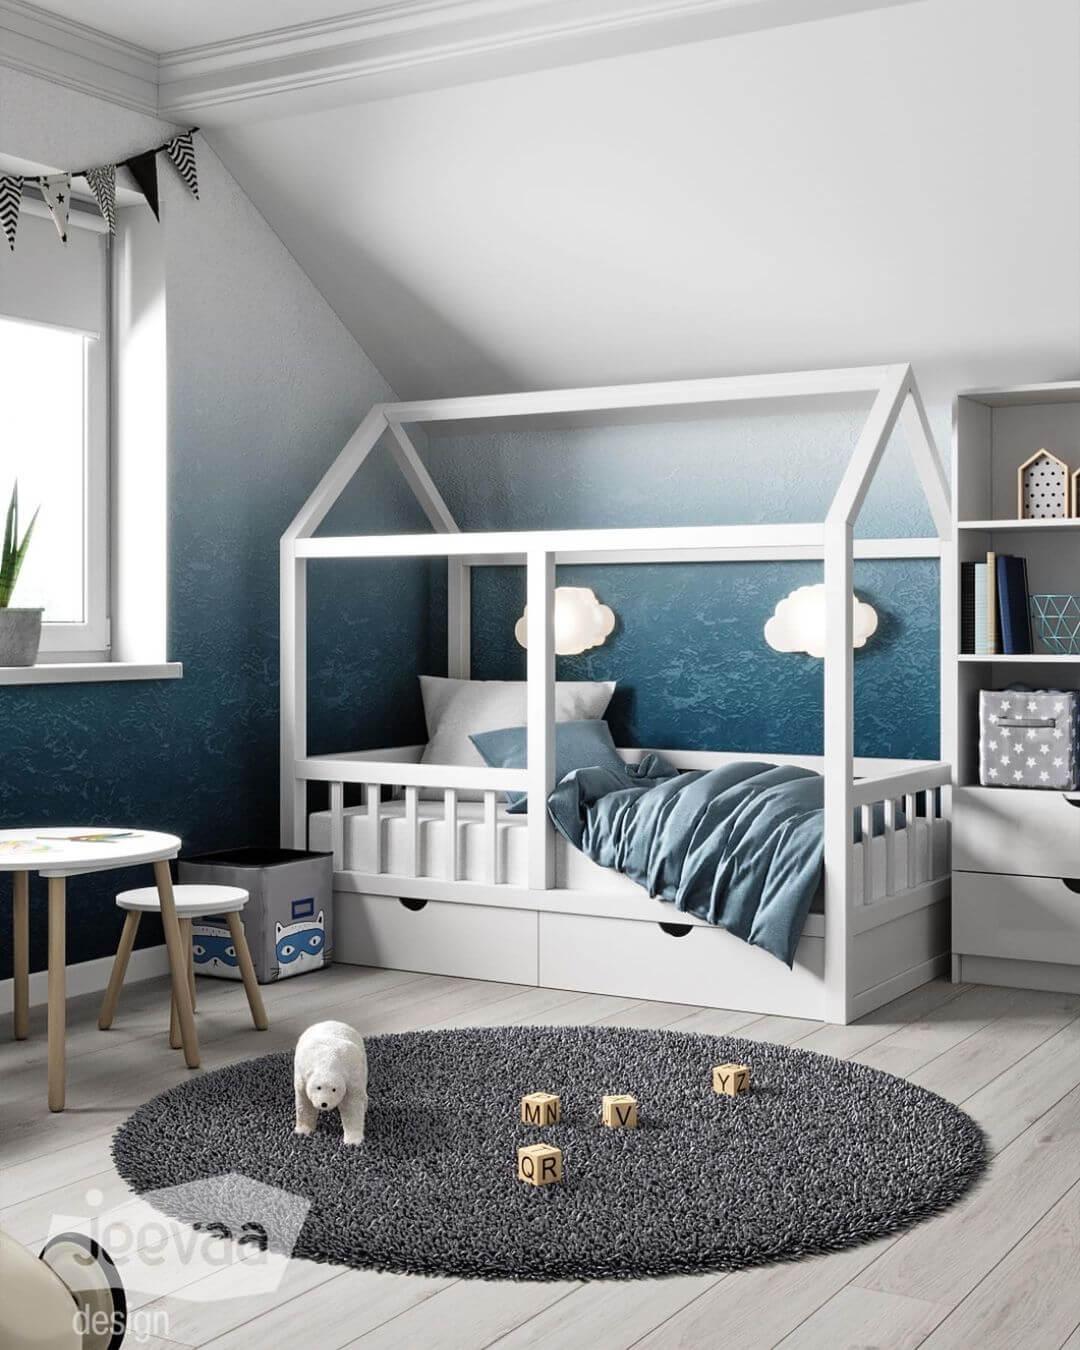 Дизайн детской комнаты дошкольников в бело-синих тонах 1